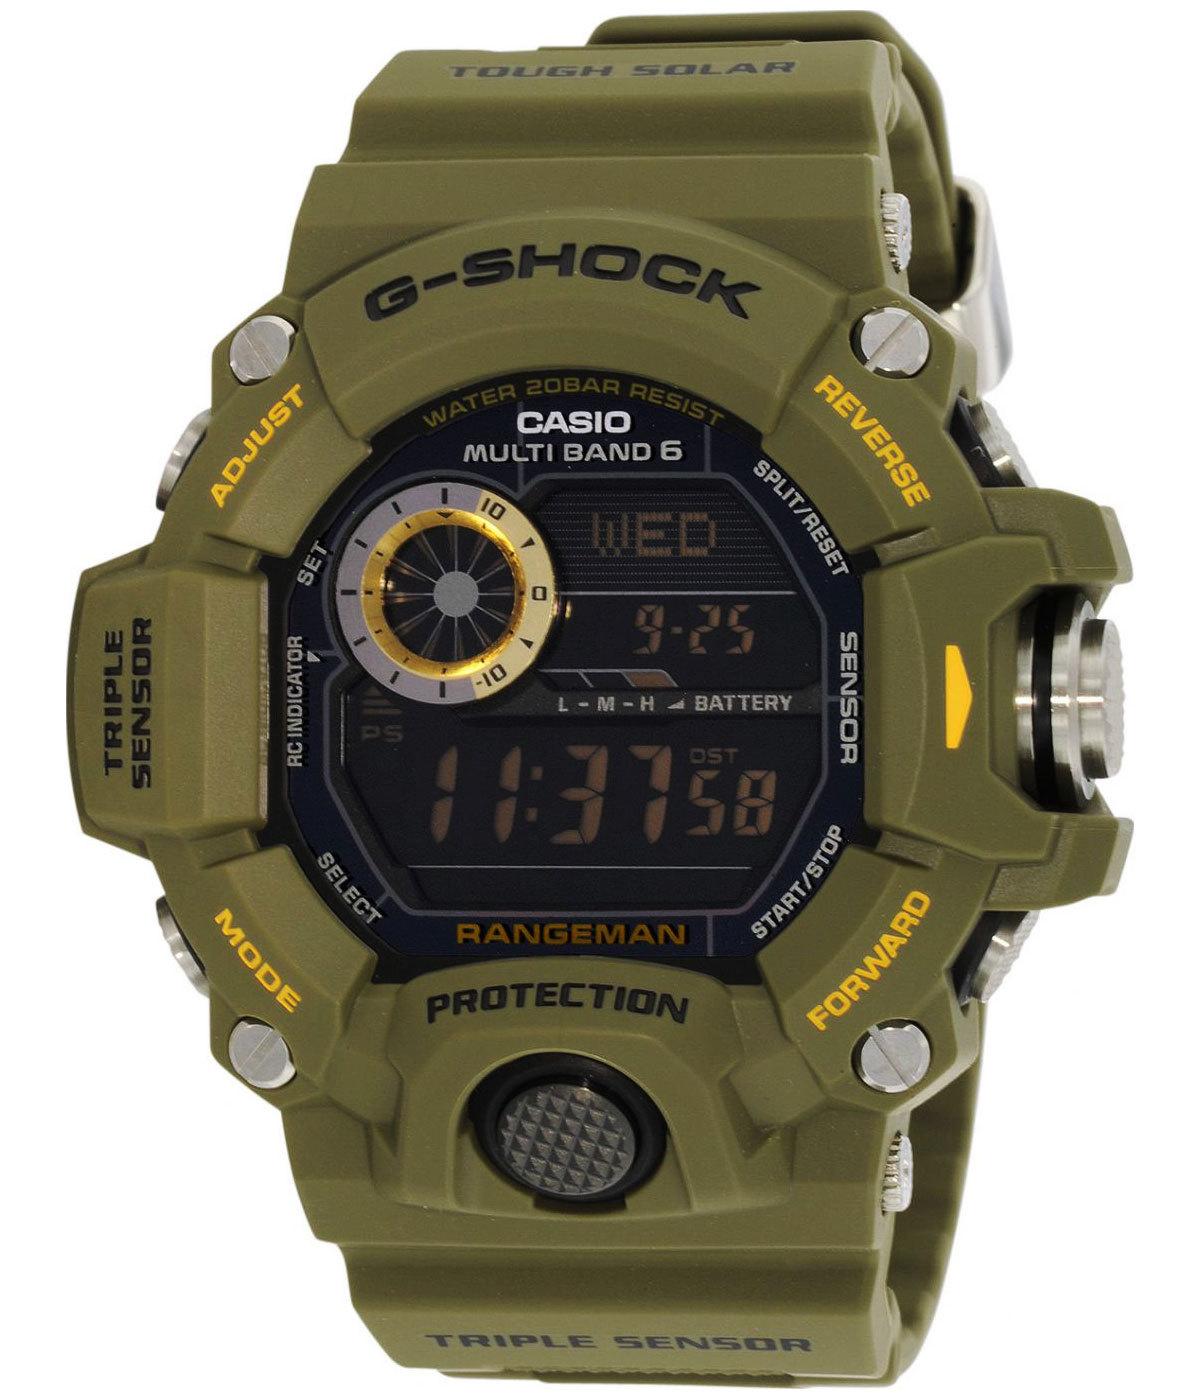 Casio G-SHOCK GW-9400-3E / GW-9400-3ER - оригинальные наручные часы от eBay RU